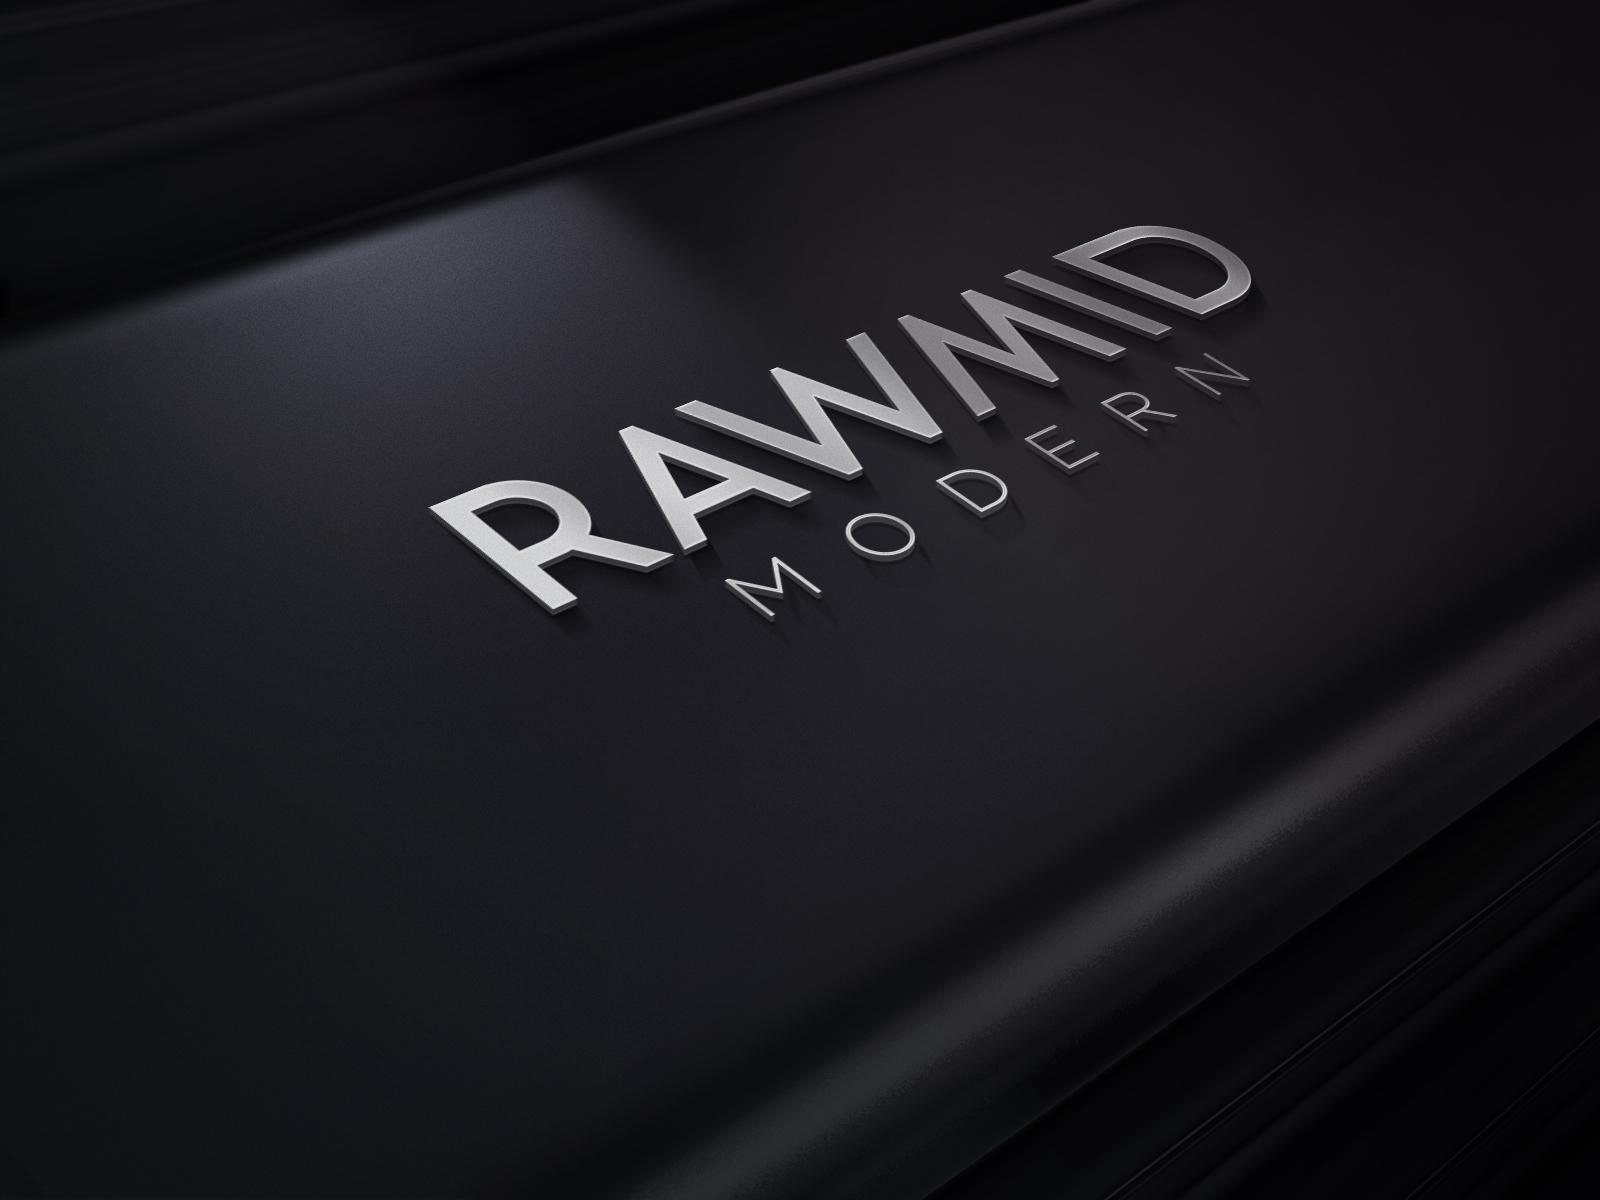 Создать логотип (буквенная часть) для бренда бытовой техники фото f_7195b33b283738a3.jpg